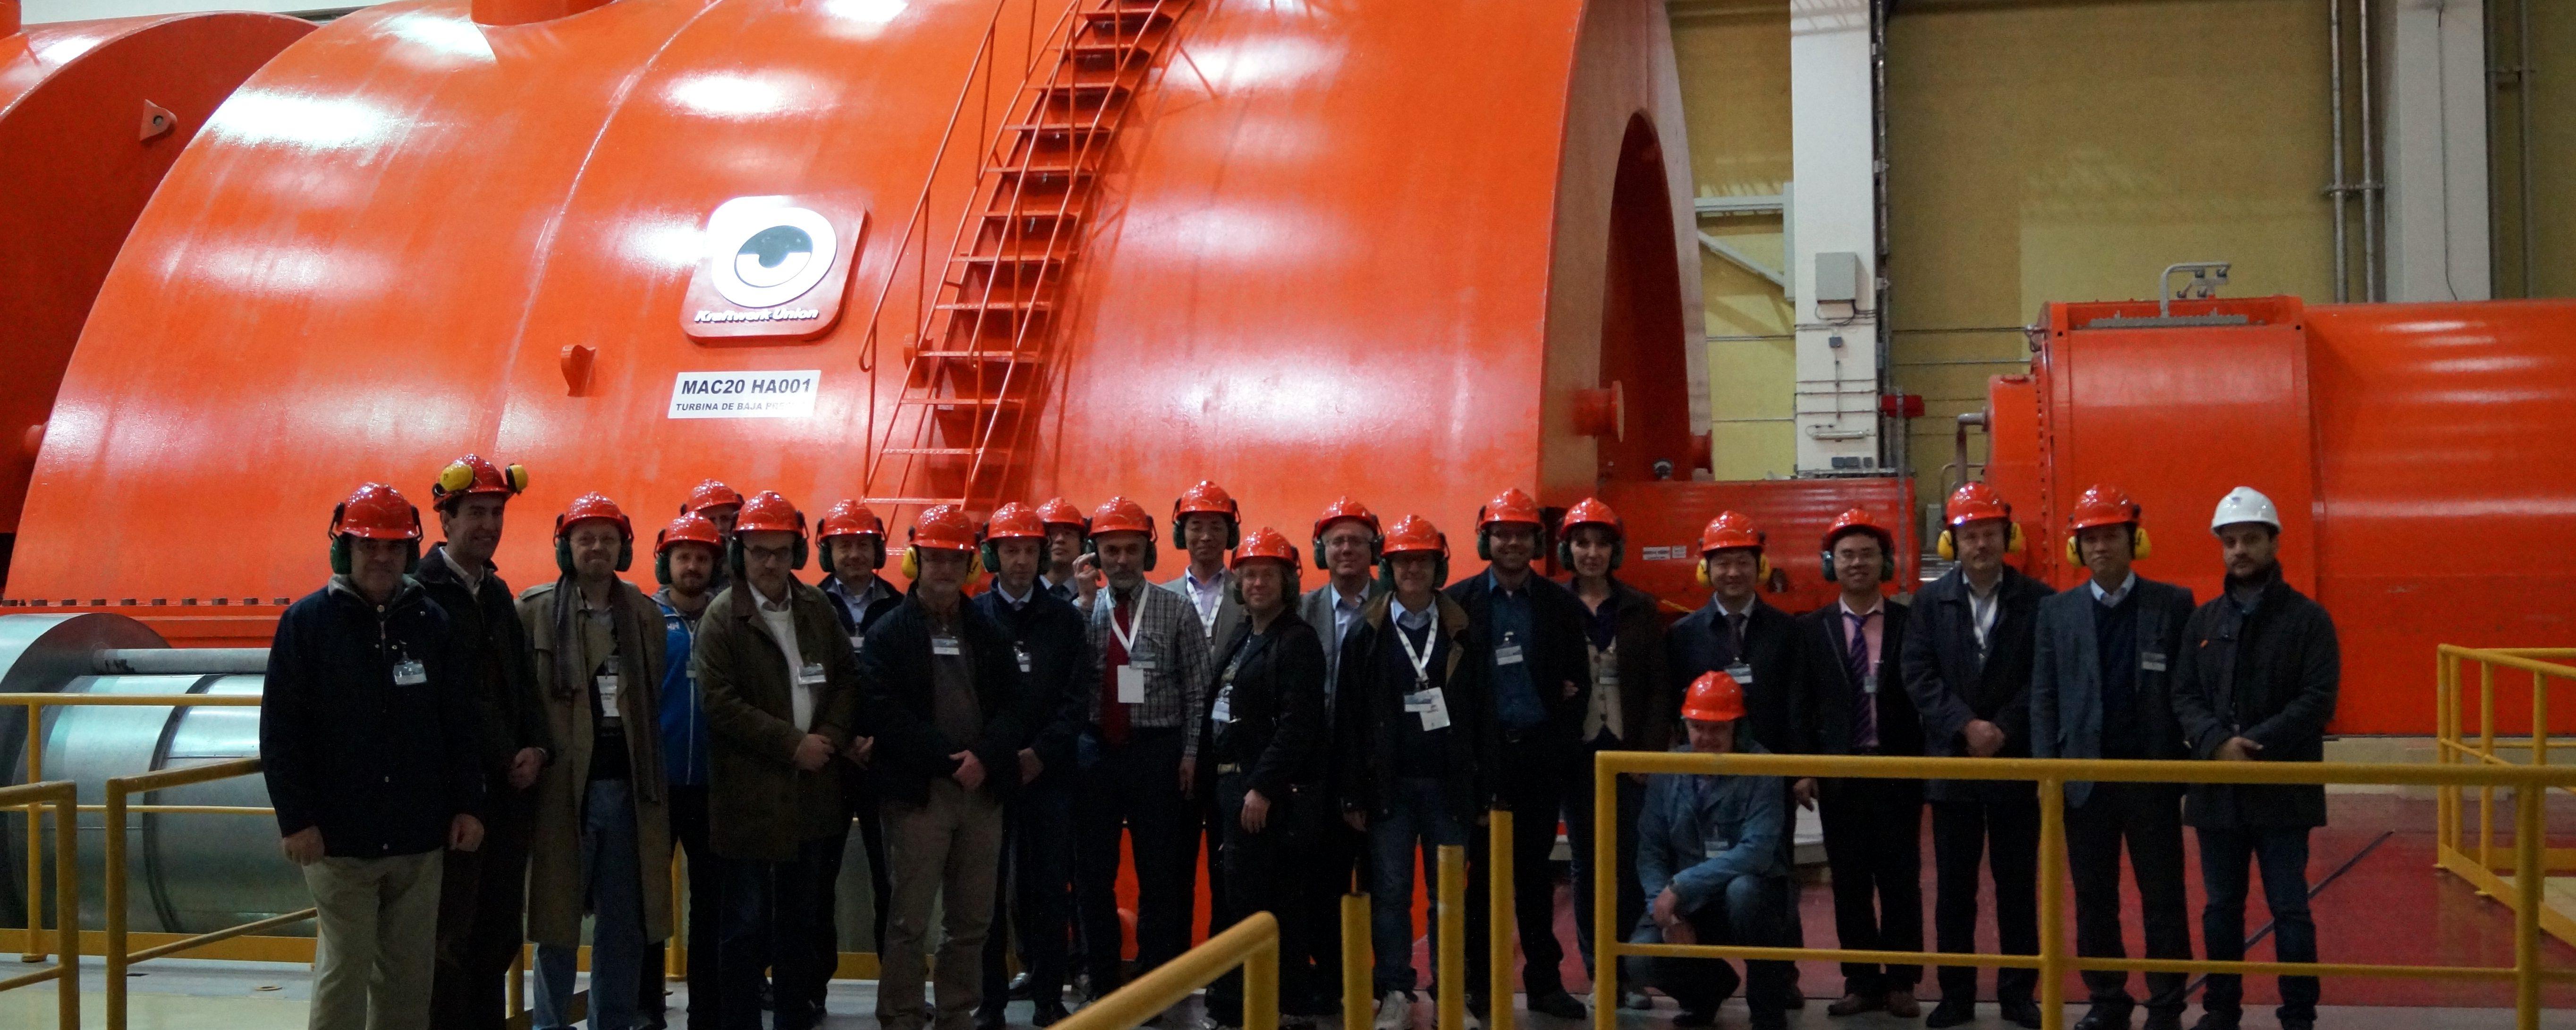 México (AZTLAN) participa en la reunión anual del grupo de trabajo técnico sobre reactores rápidos (TWG-FR).